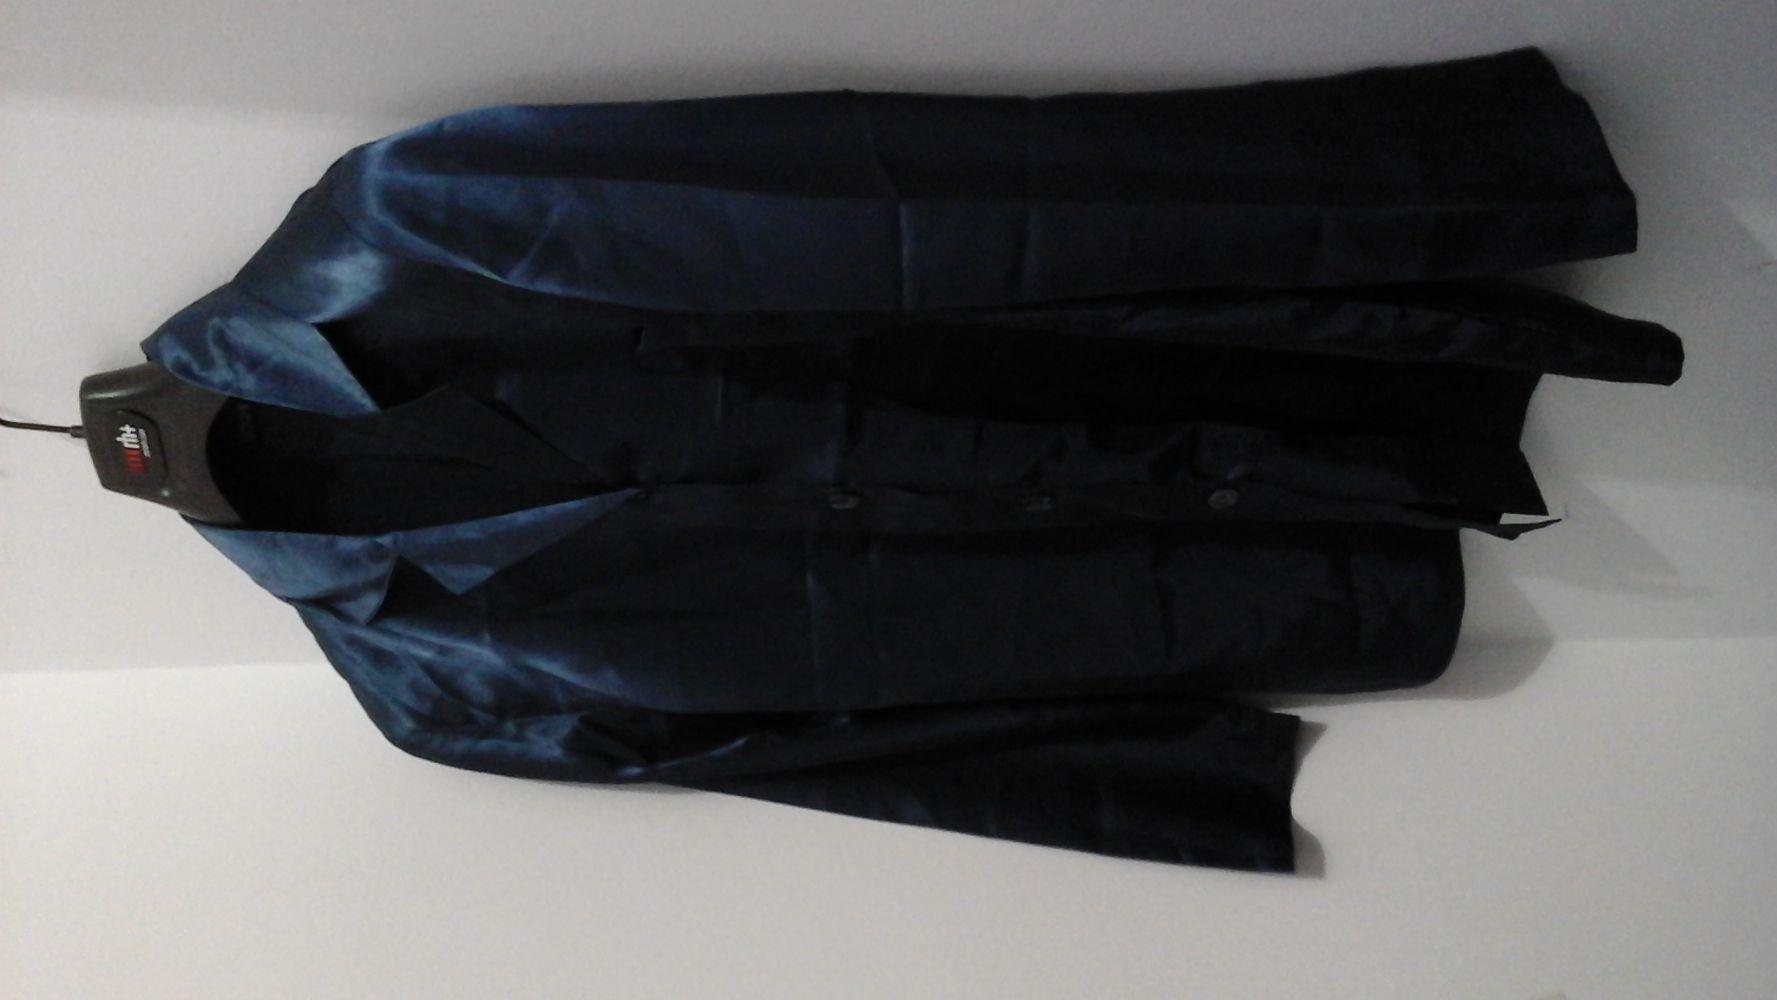 Giacca Da Camera Uomo Intimissimi : Baratto scambio pigiama donna intimissimi abbigliamento